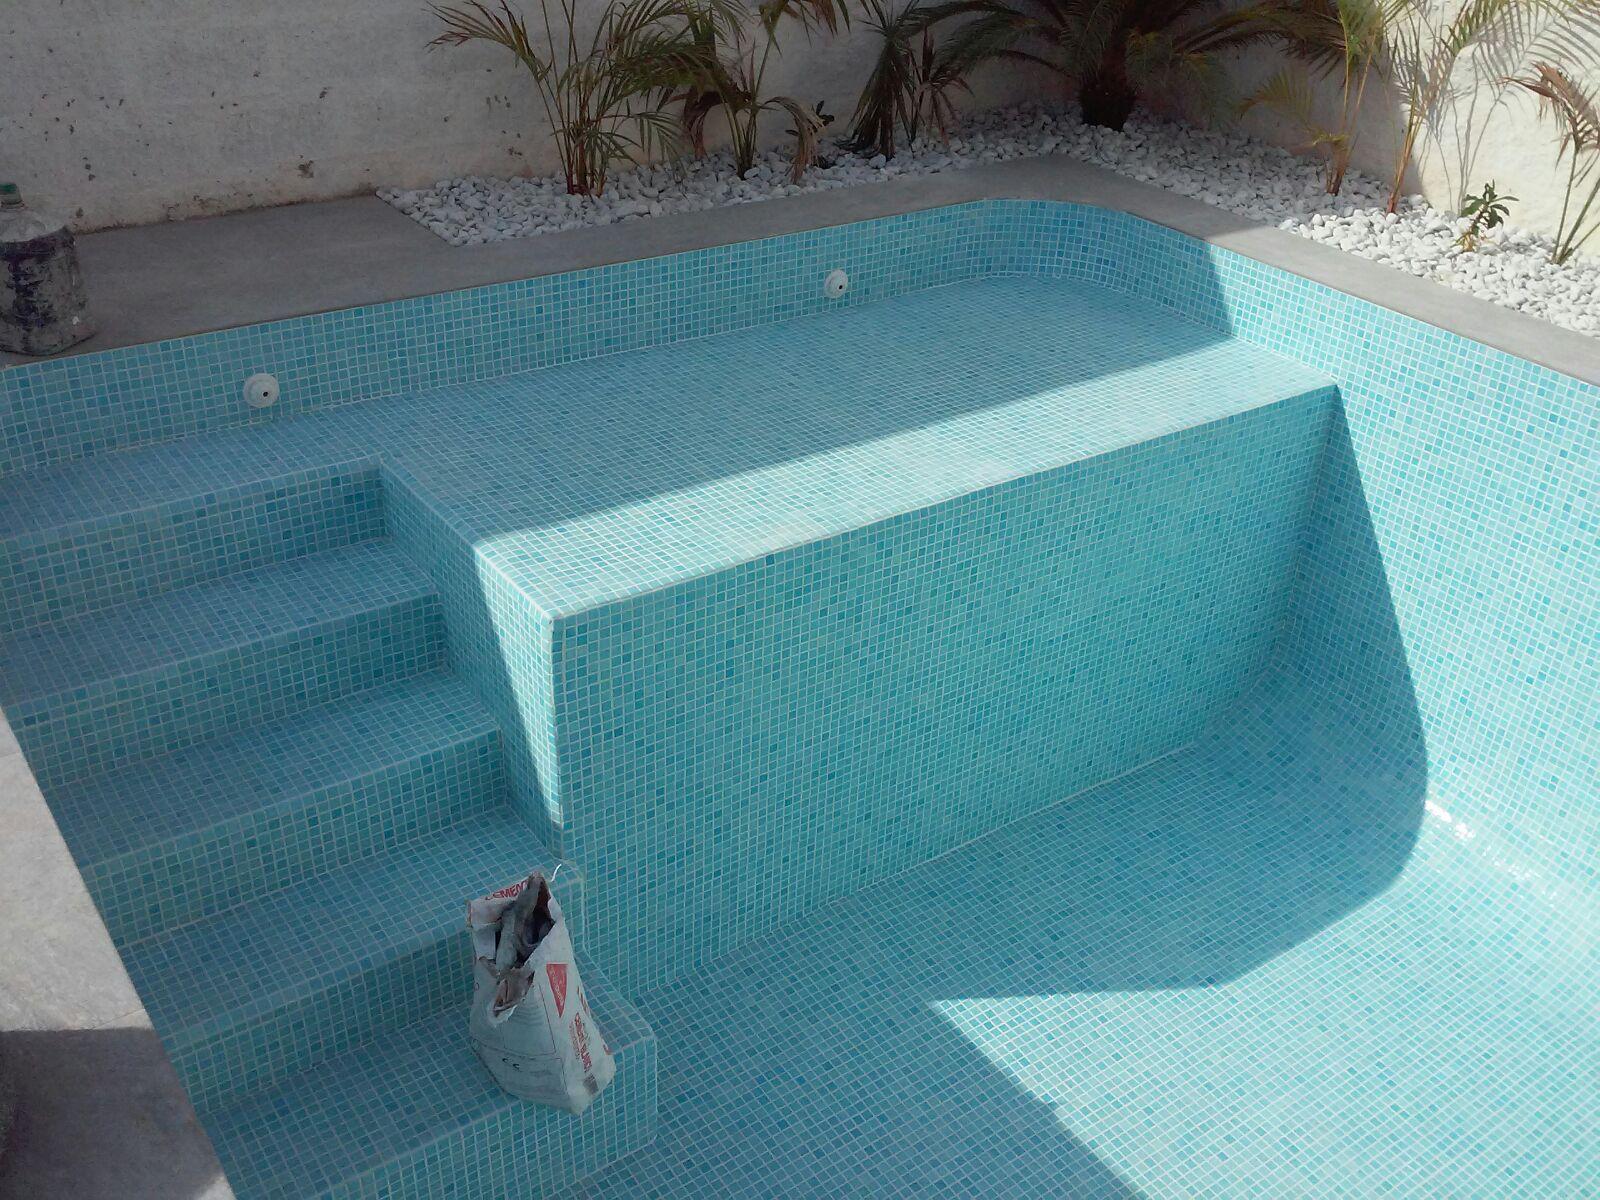 Imagenes whatsapp 776 construcci n de piscinas - Barrefondos para piscinas ...